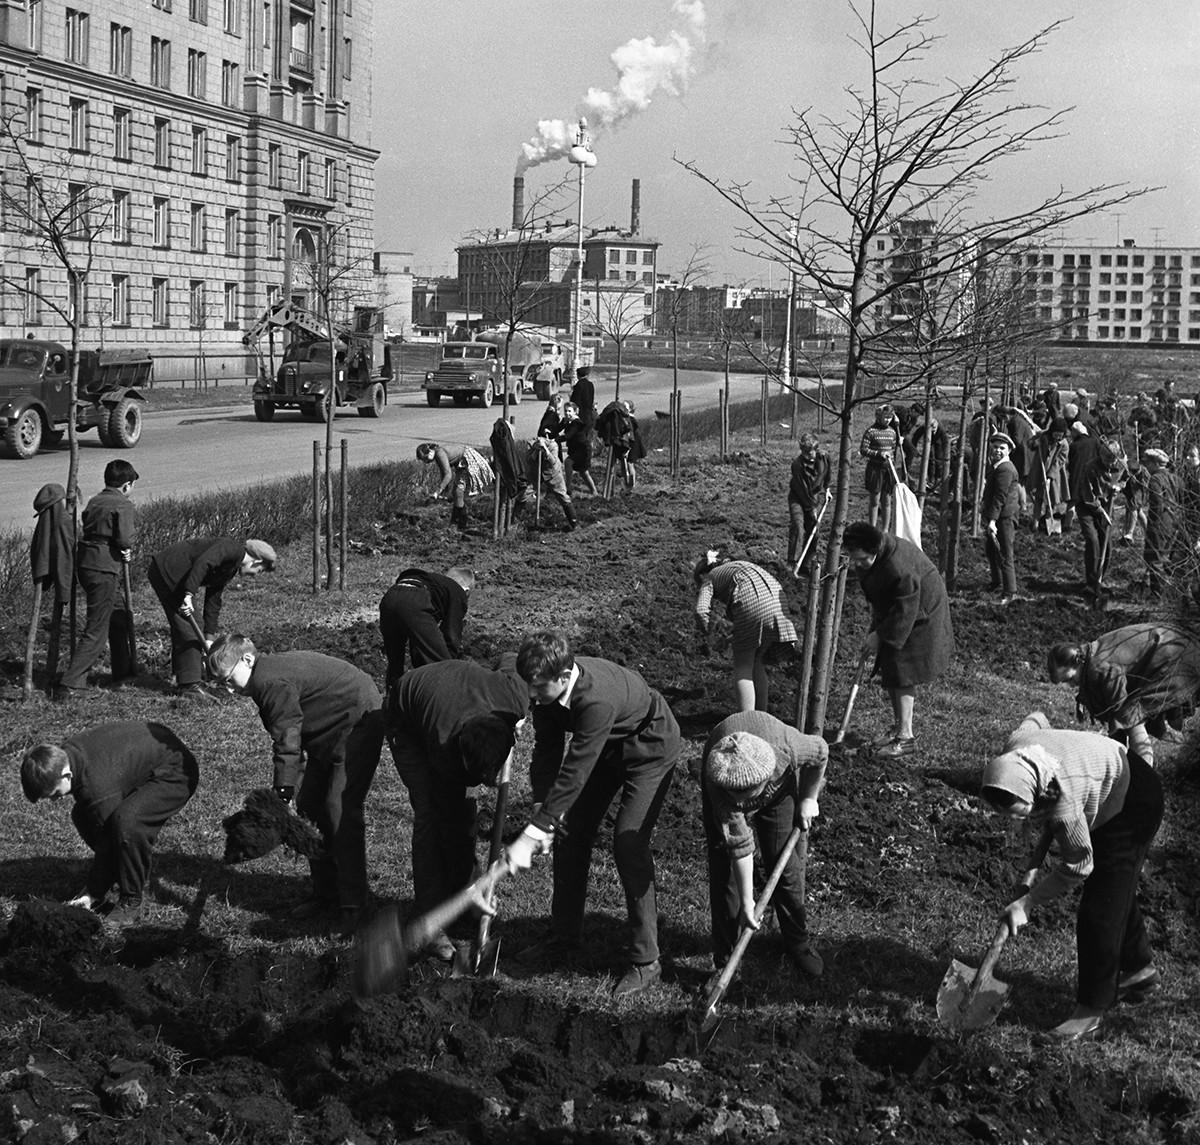 Soubbotnik à Moscou : des écoliers et professeurs plantent des arbres dans un square. 1964